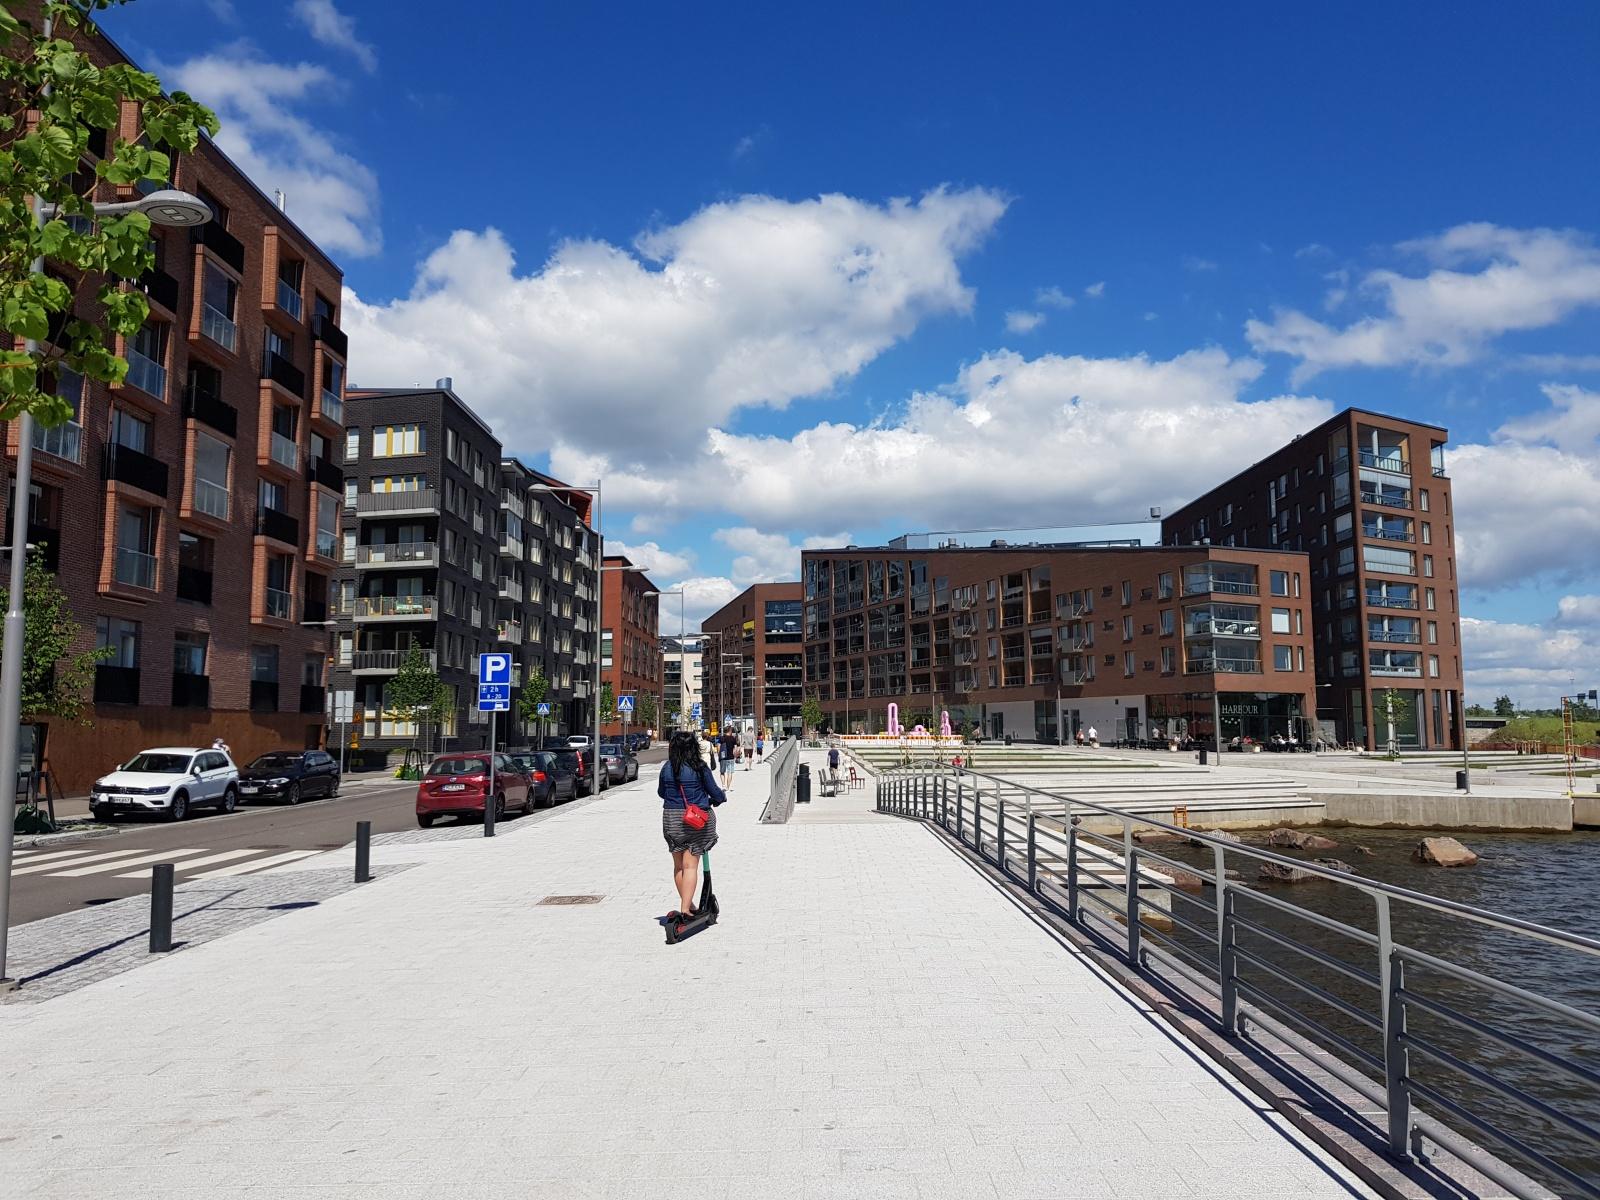 Хельсинки. Как найти работу в финской игровой индустрии, начать работать без разрешения и не нарушить российские законы - 5